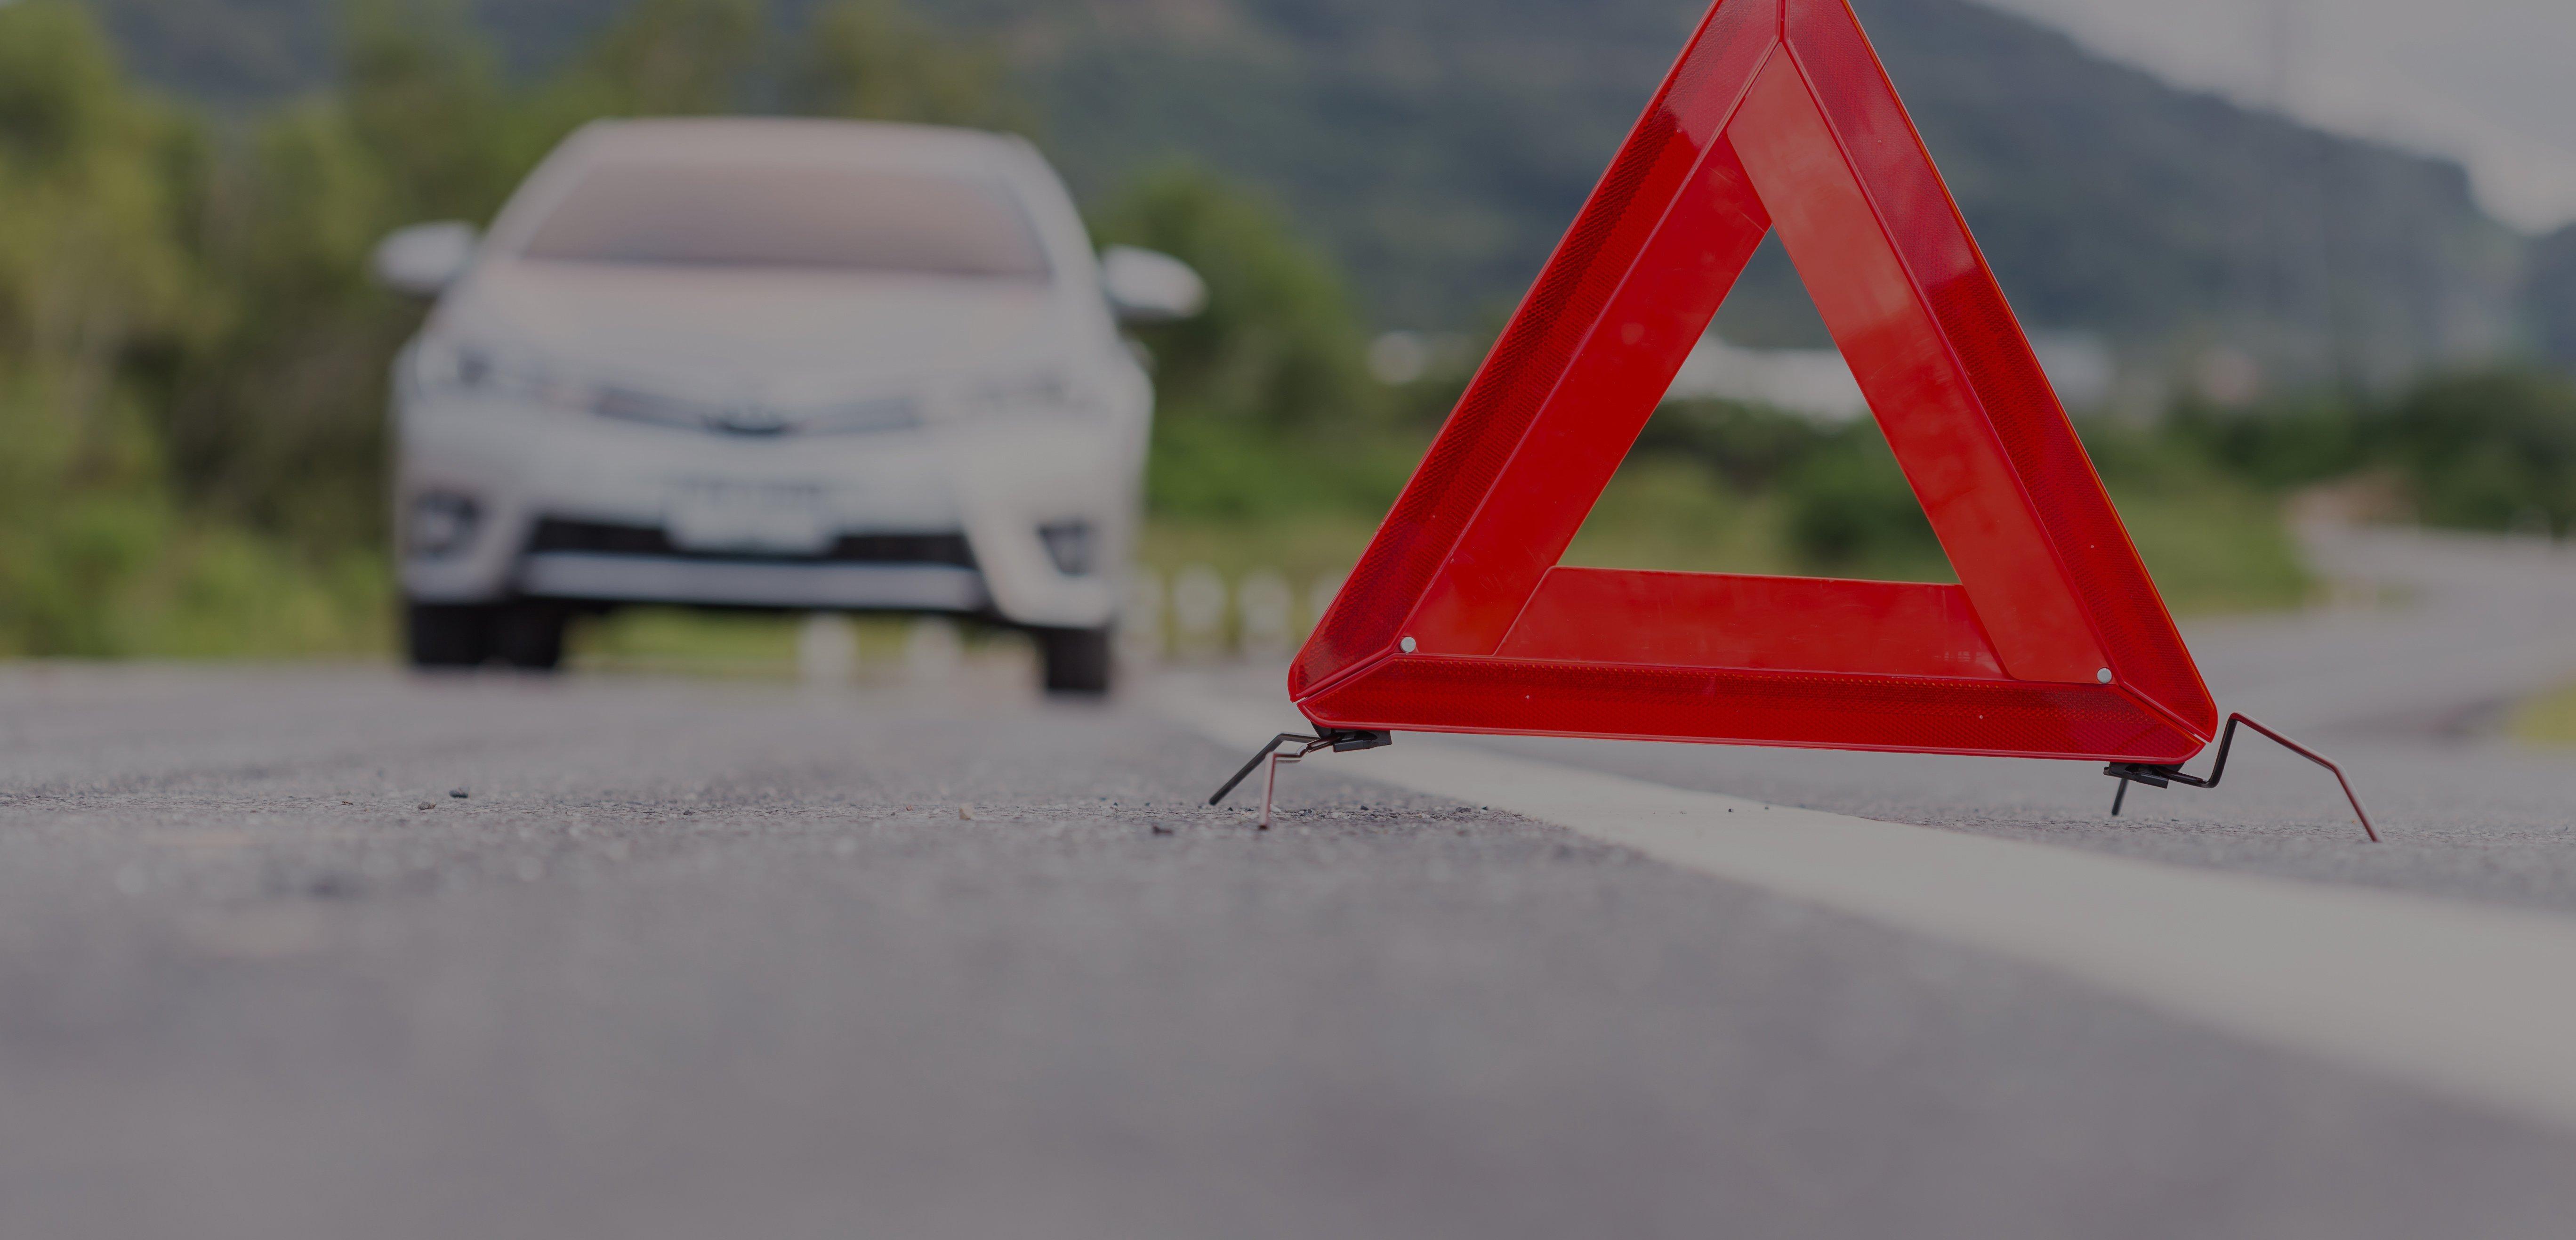 trójkąt odblaskowy ustawiony na środku drogi, za nim samochód